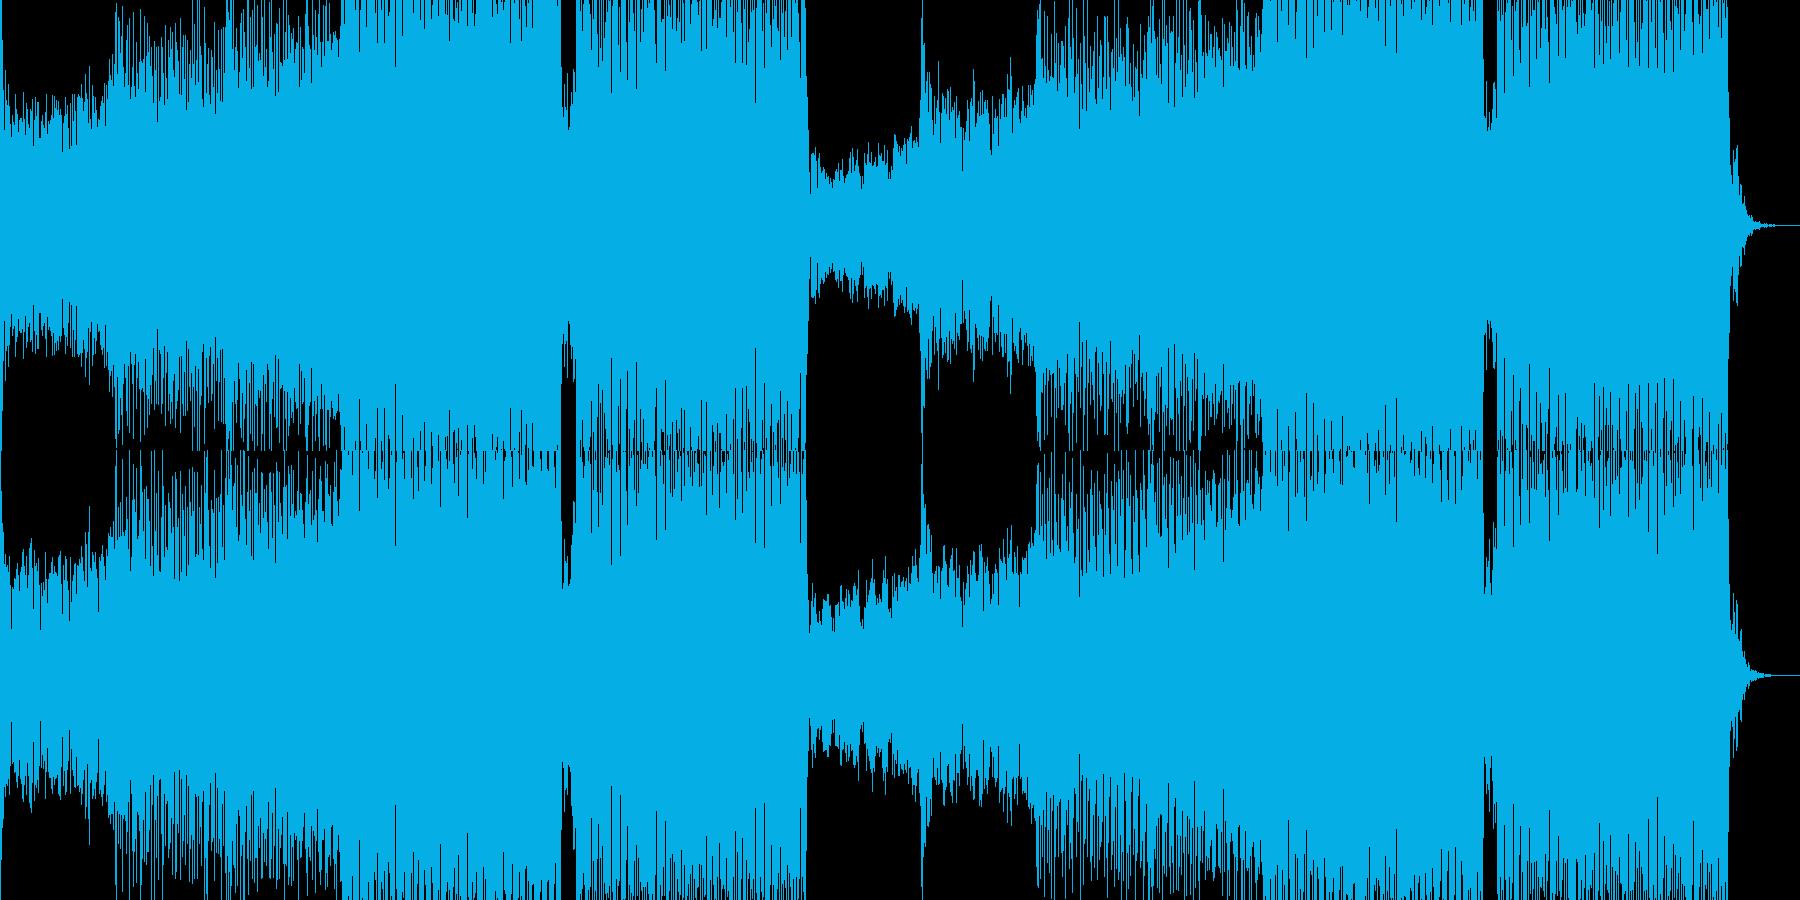 ファンキーなEDMダンストラックの再生済みの波形